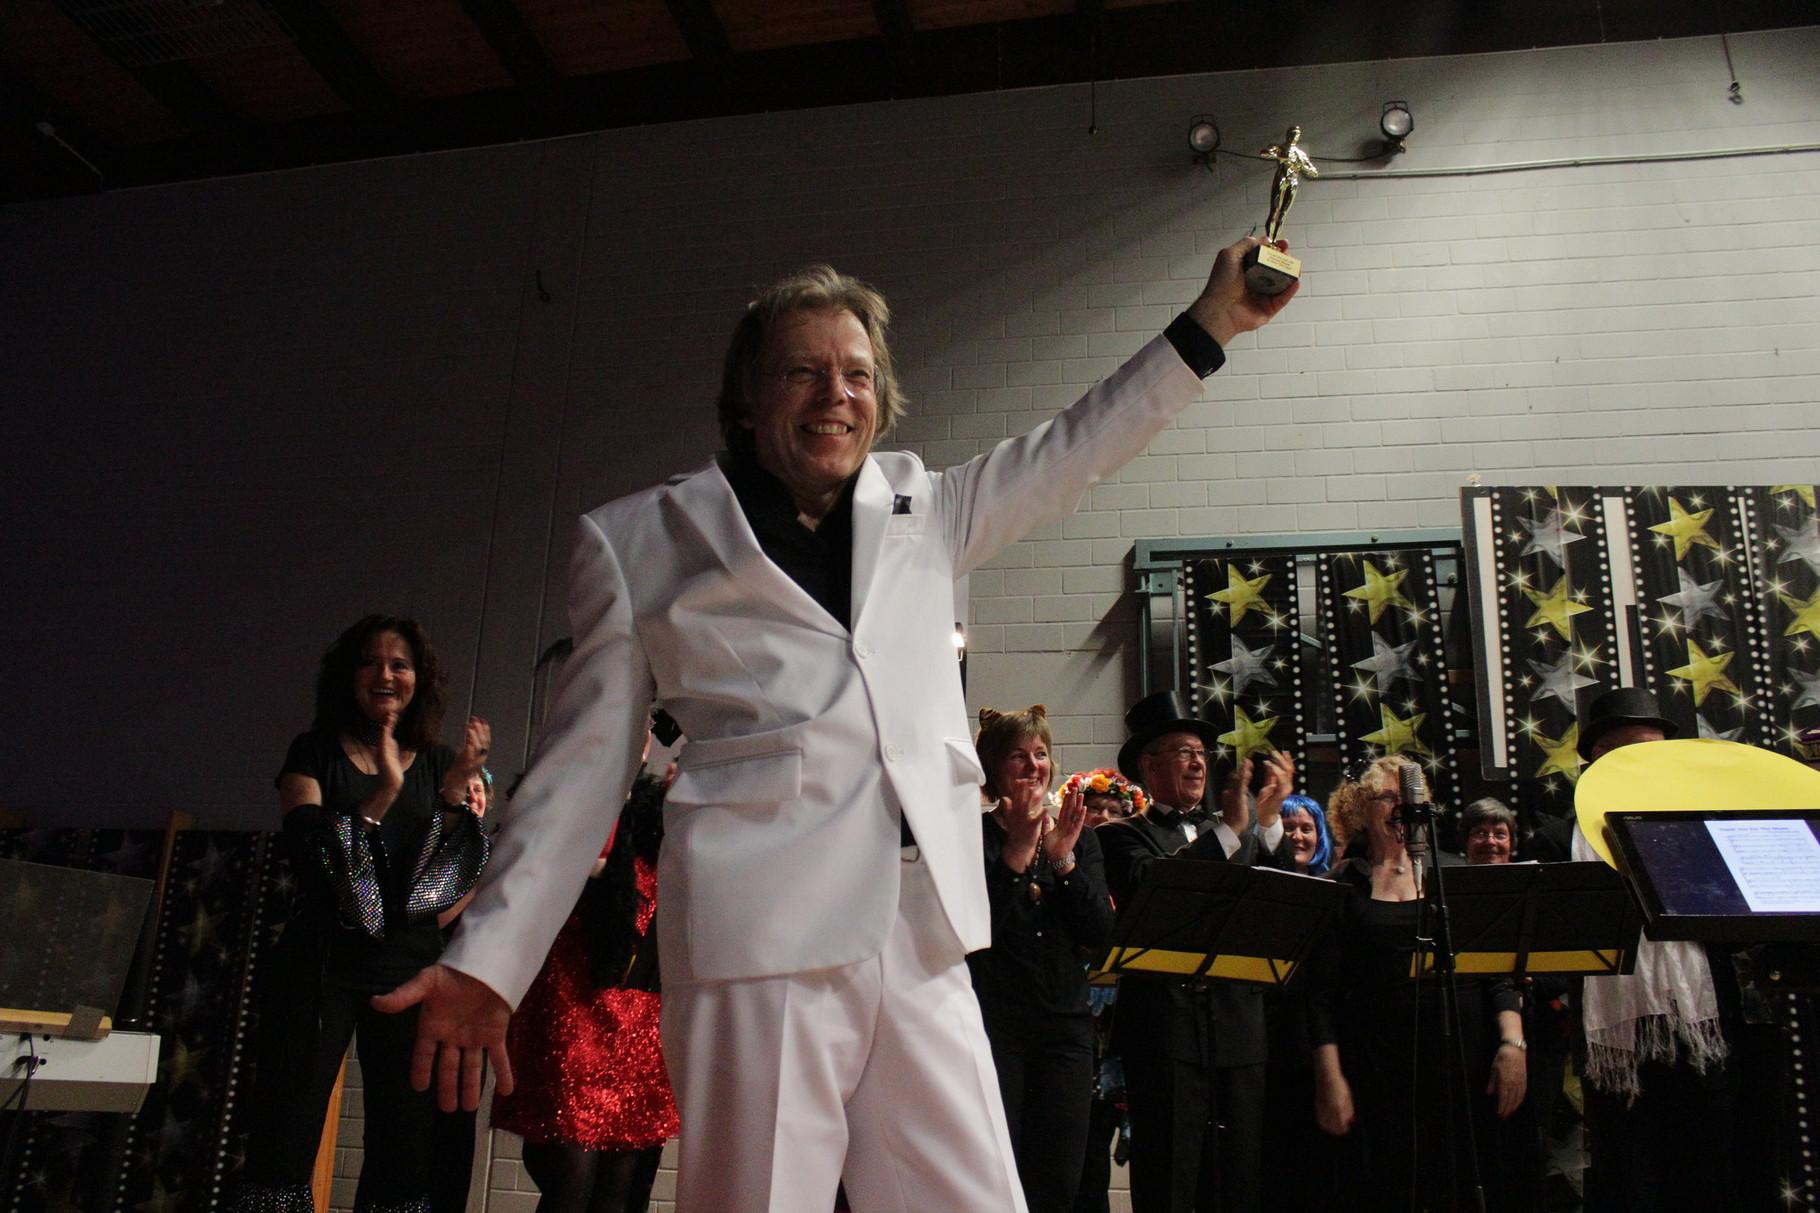 Da Capo-Konzert am 21. März 2015. Dirigent Andreas Mlynek bekommt für 10 Jahre bei Da Capo einen goldenen Oscar. Foto: Konder